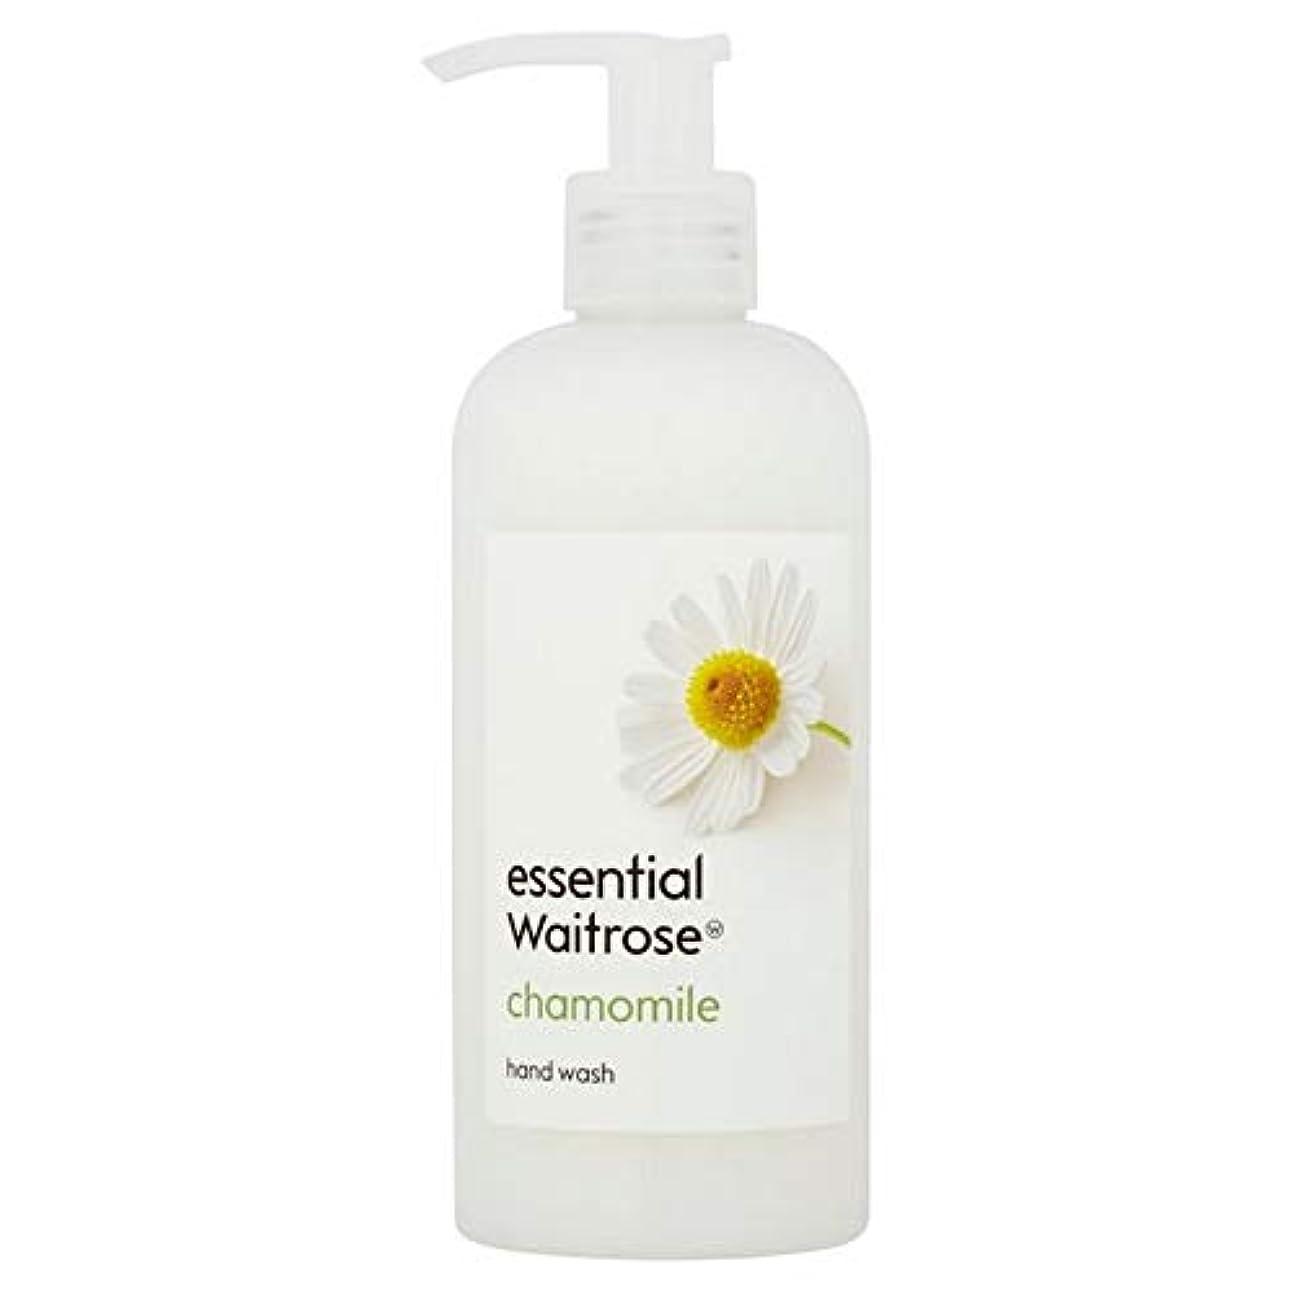 北とても有益[Waitrose ] 基本的なウェイトローズのハンドウォッシュカモミール300ミリリットル - Essential Waitrose Hand Wash Chamomile 300ml [並行輸入品]